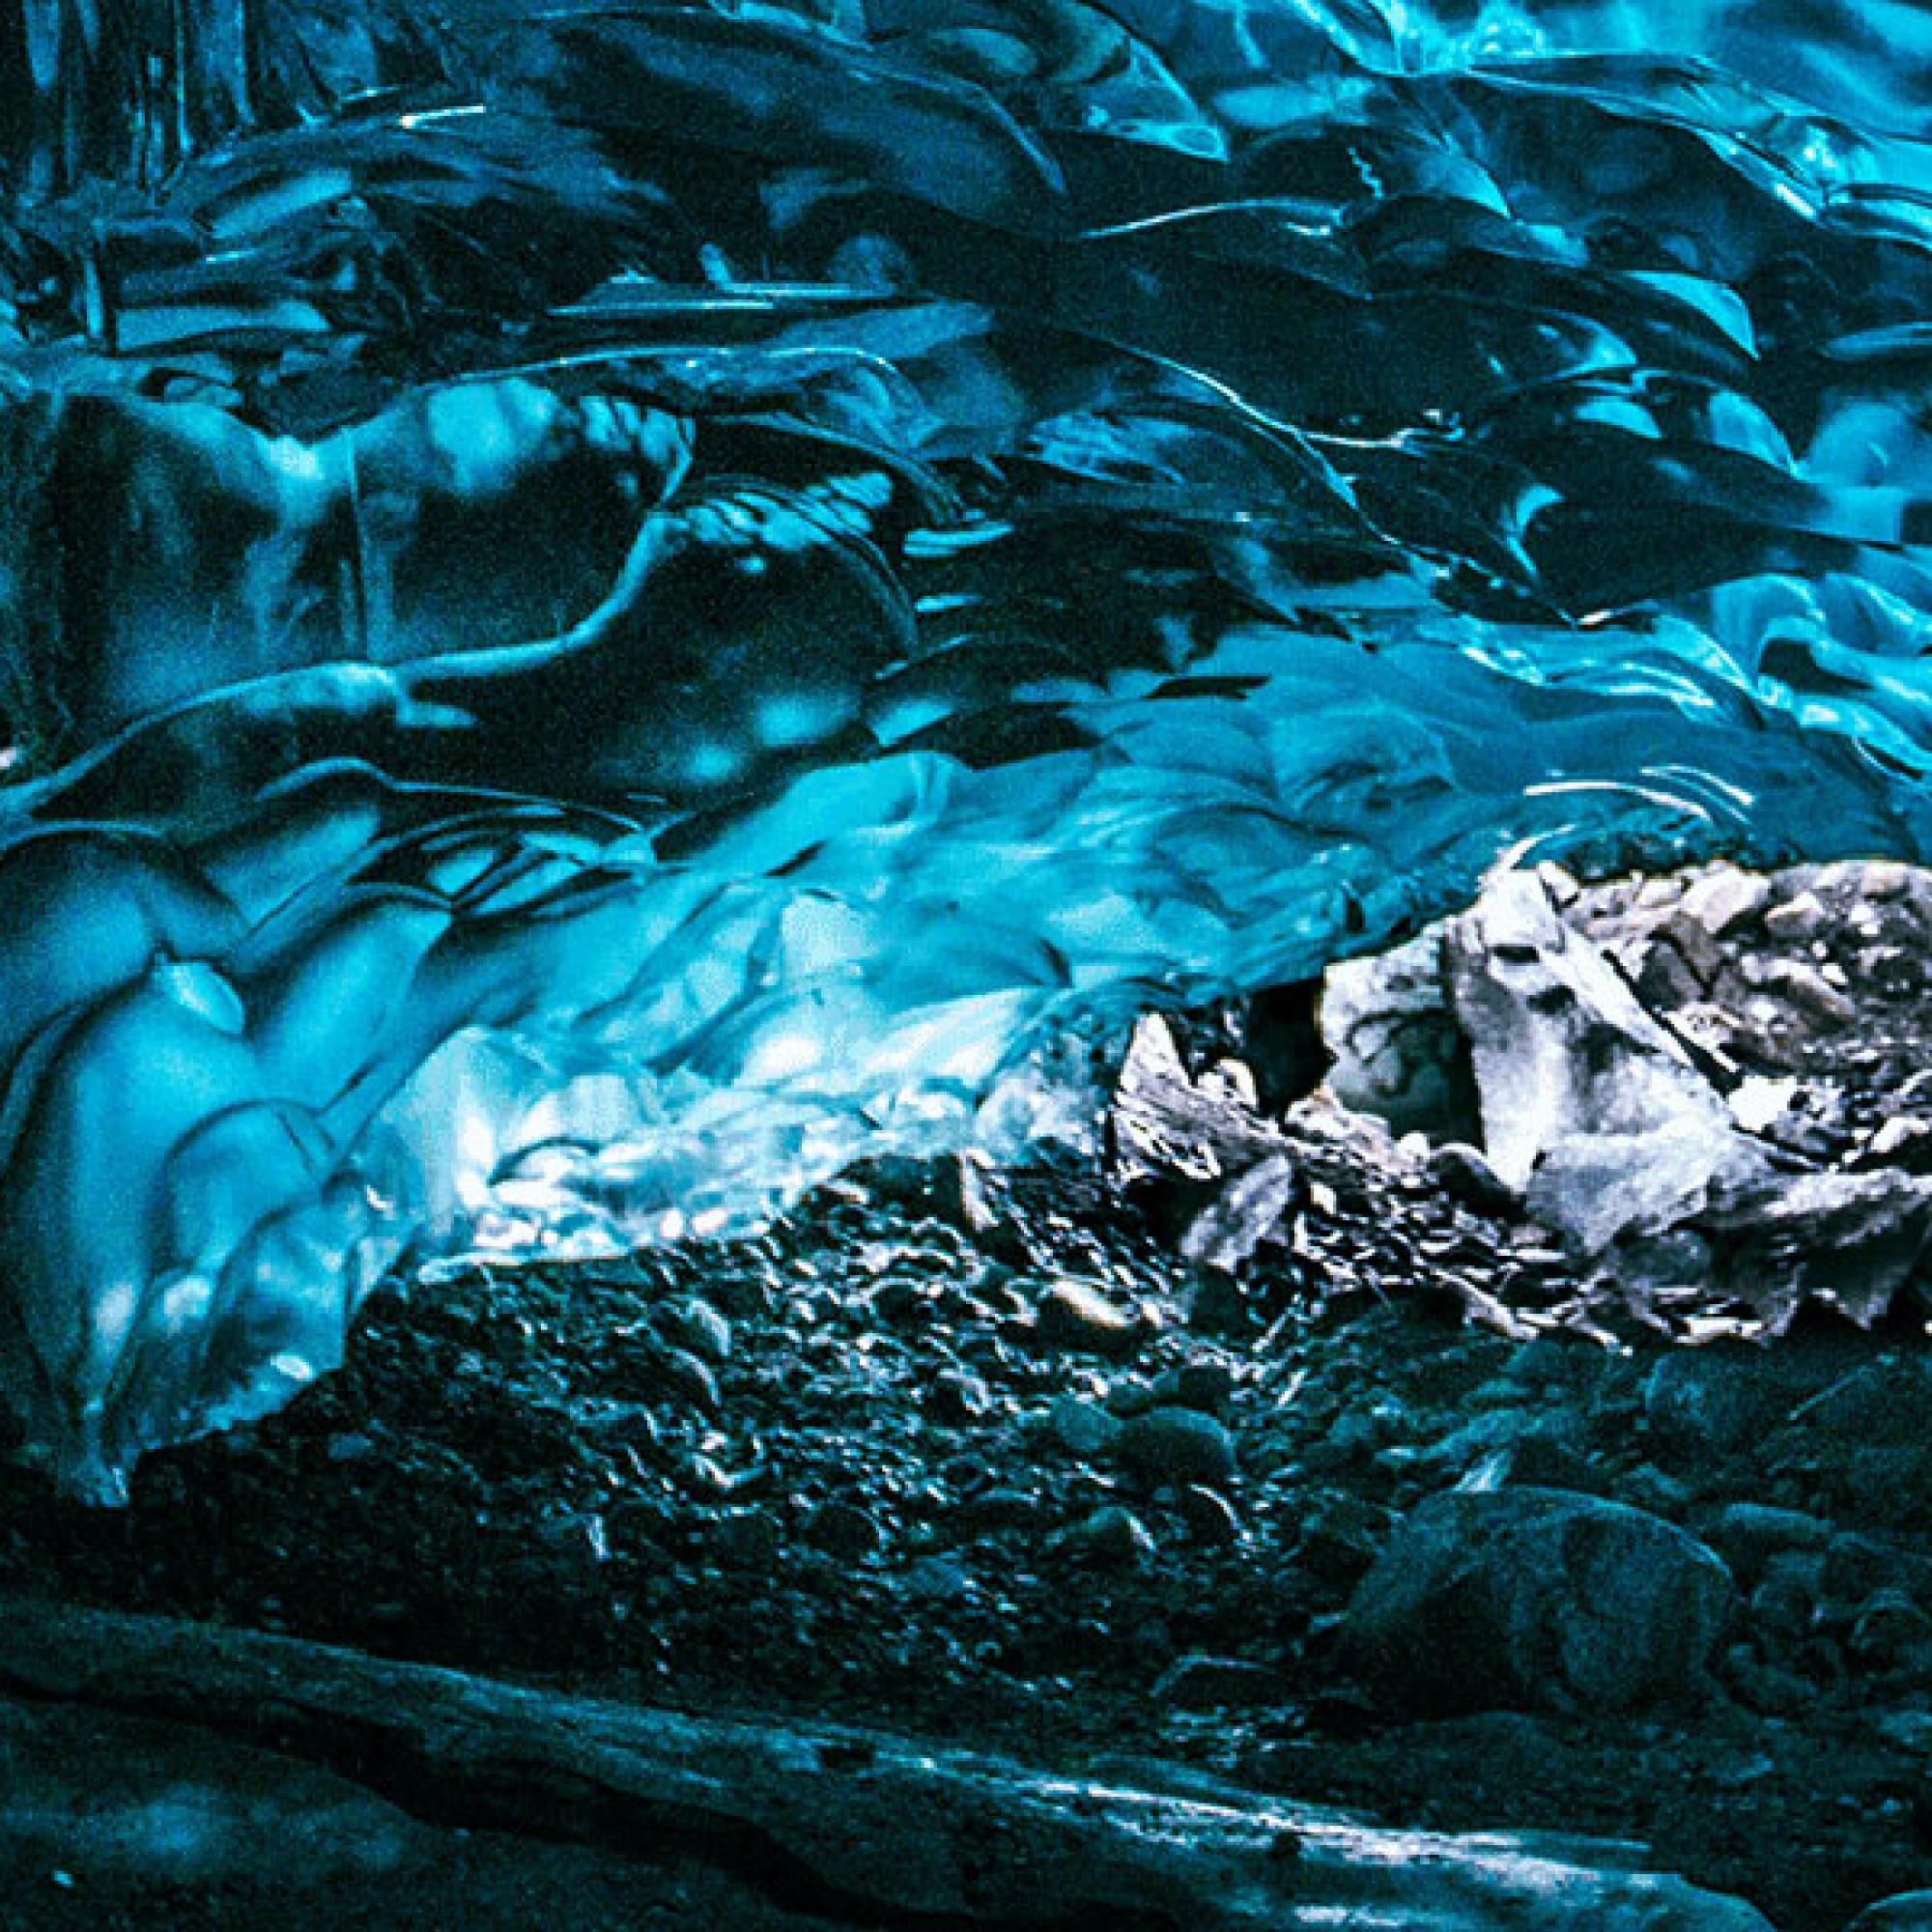 Gletschereis, Symbolbild (StockSnap, Pixabay, gemeinfrei)